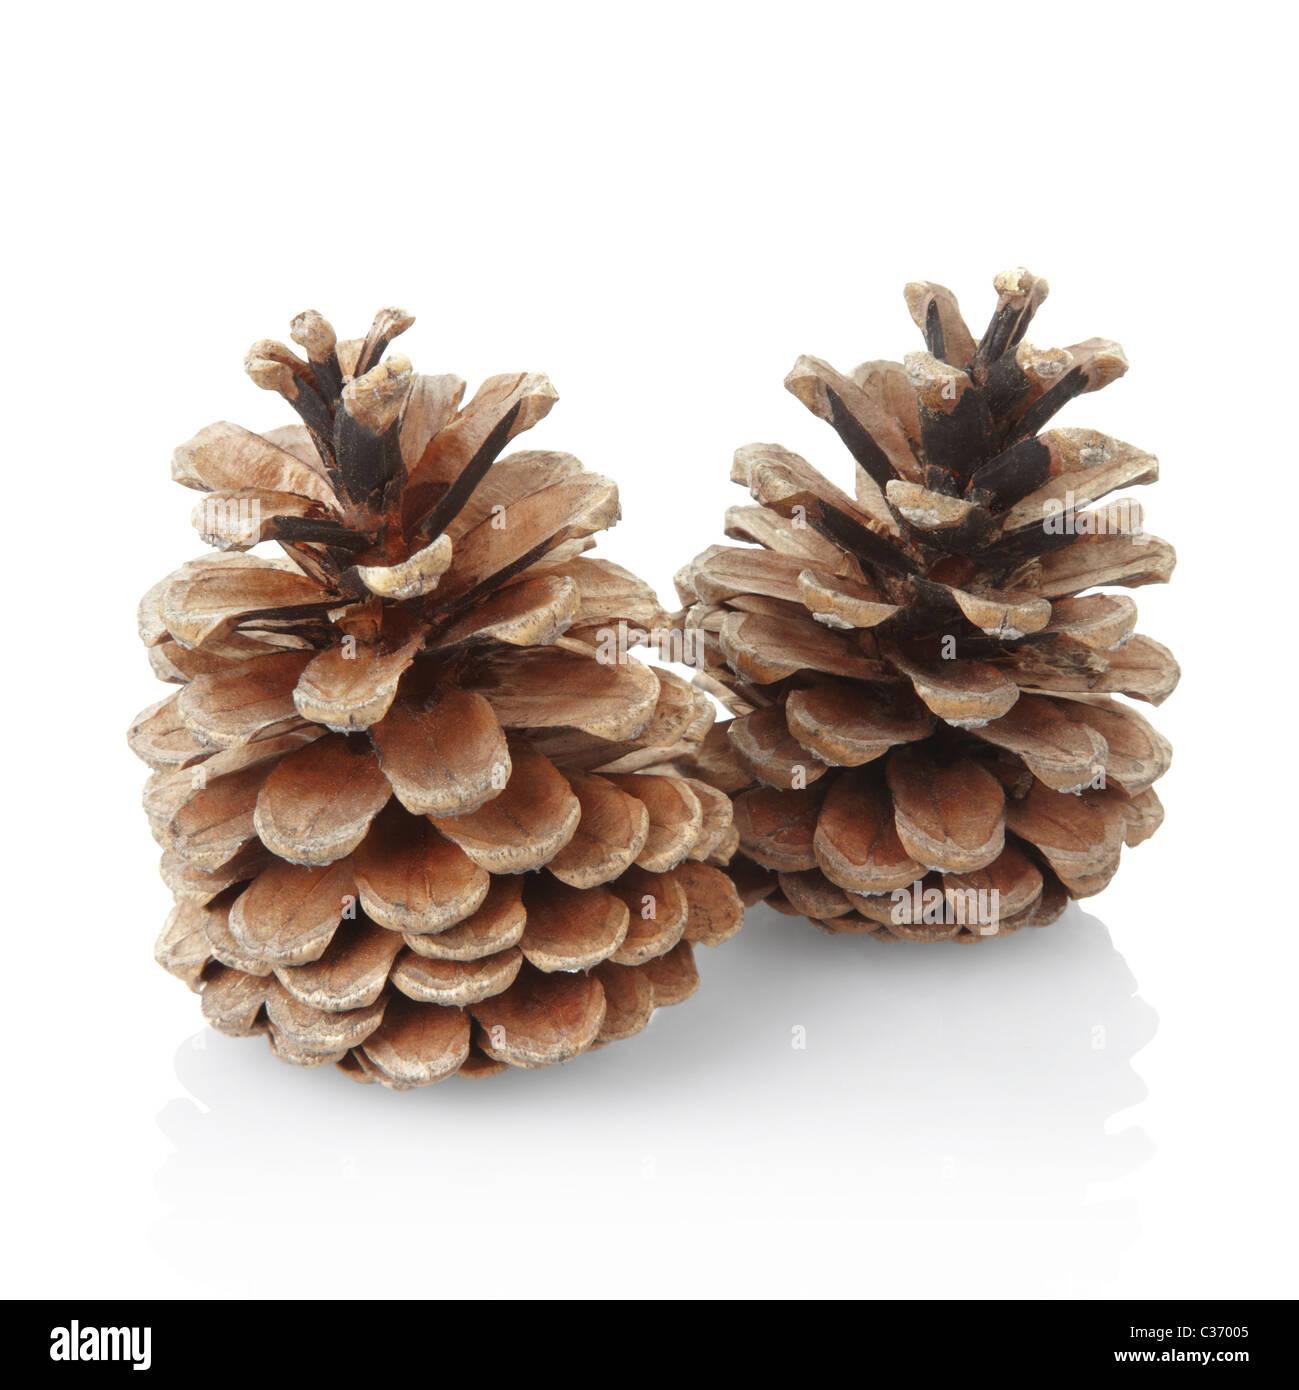 Pine cones - Stock Image